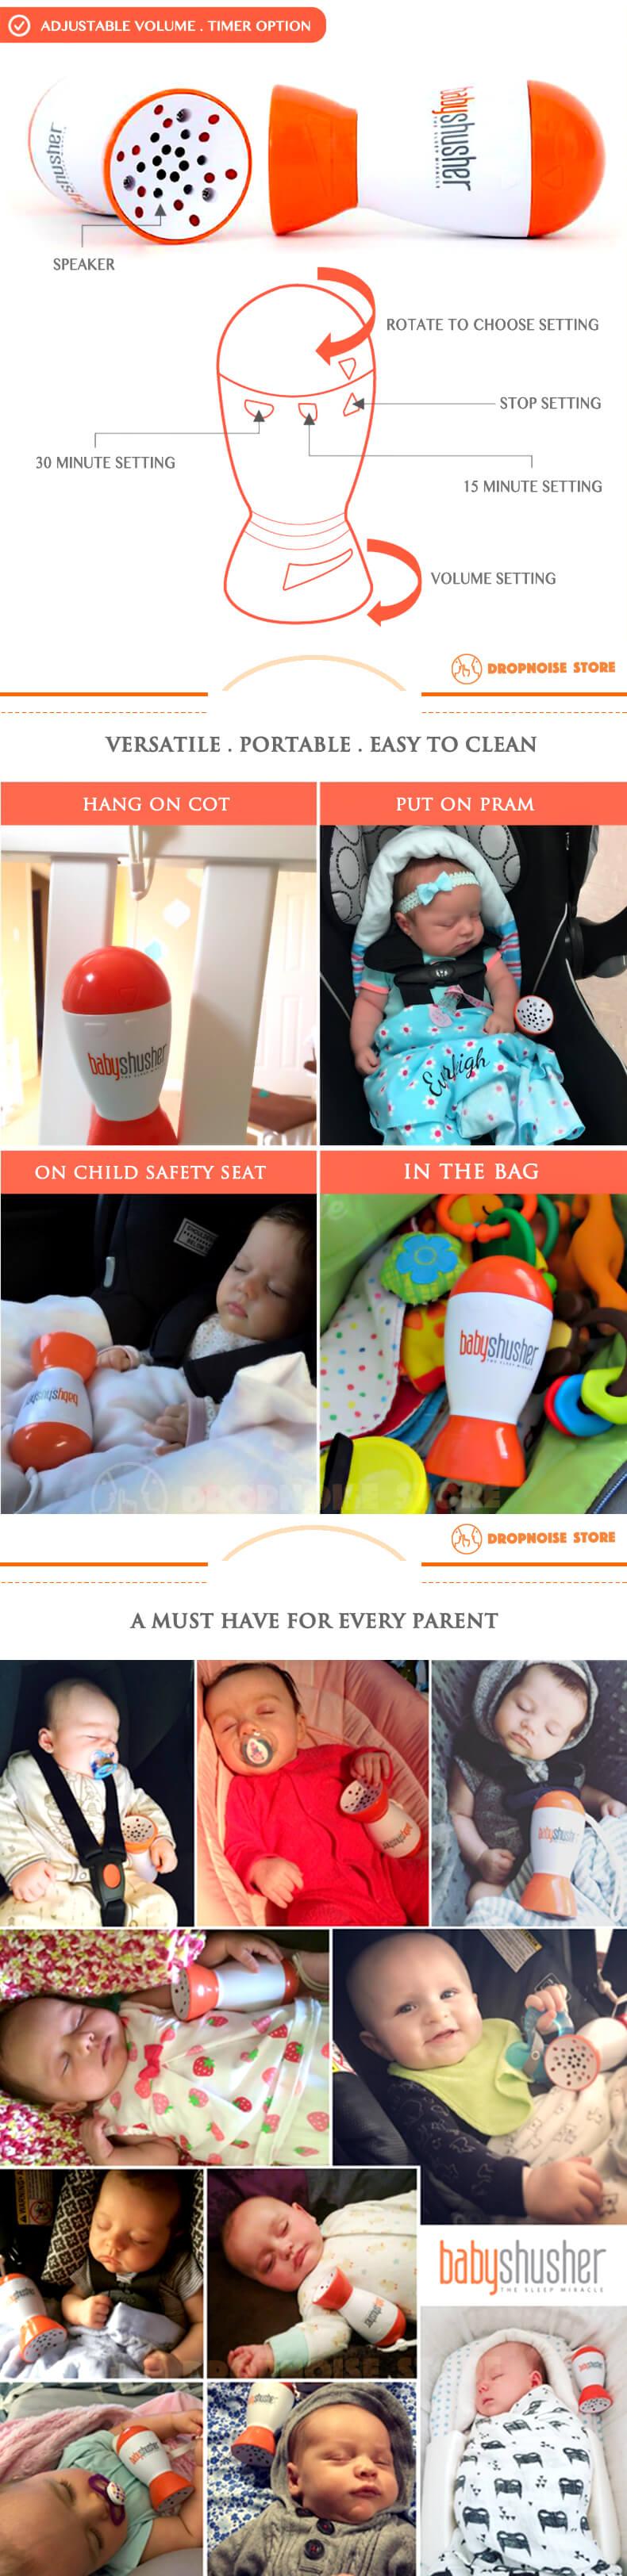 Baby Shusher - Dropnoise Store (3) Logo